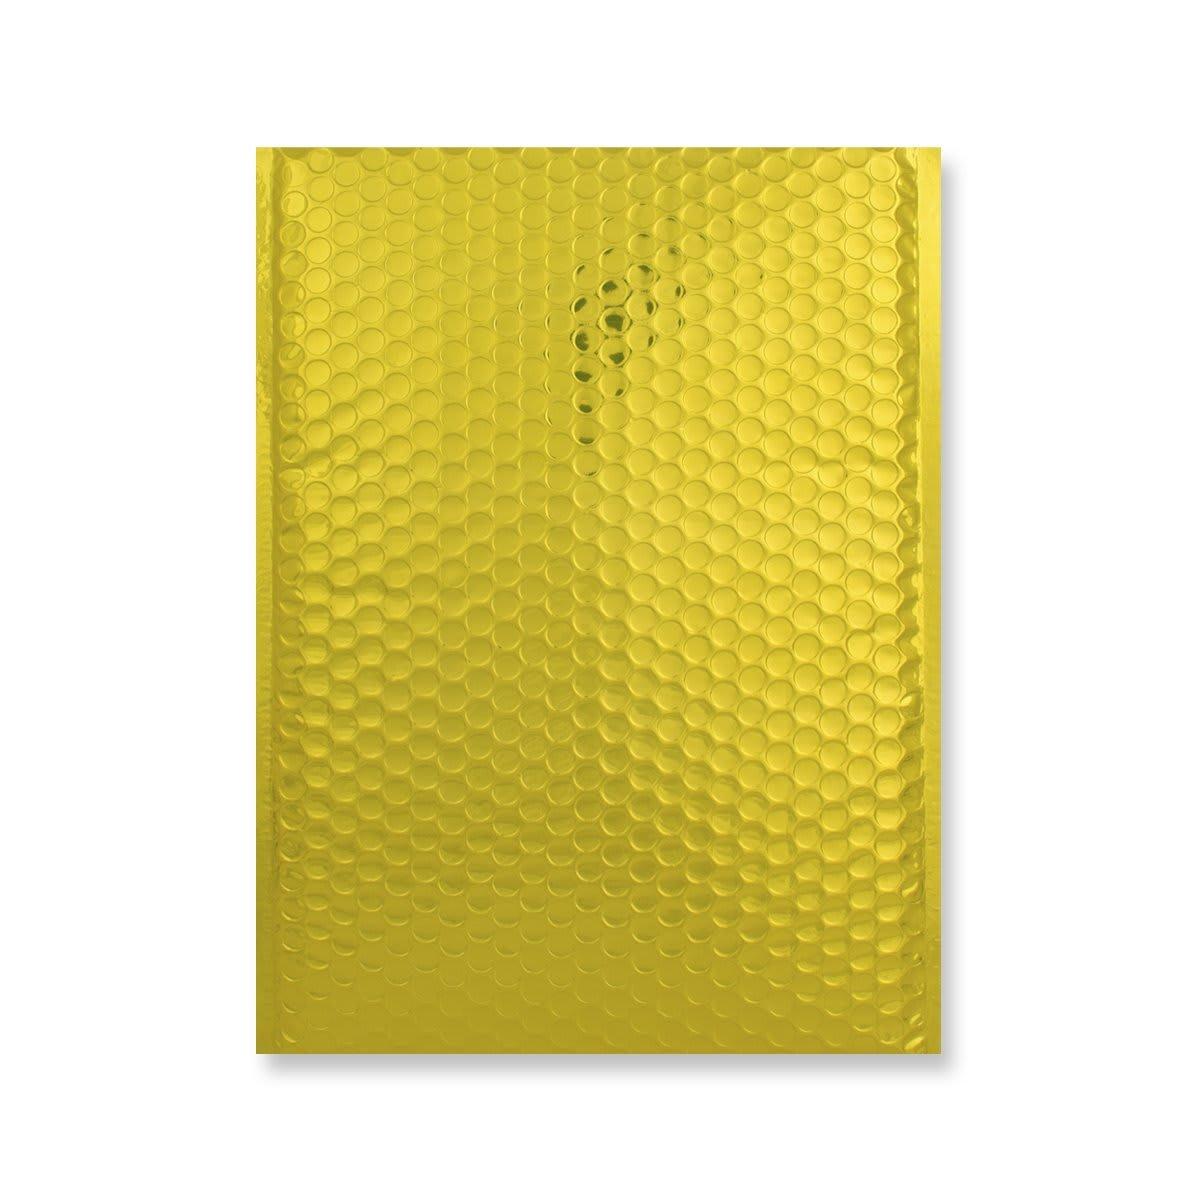 C4 GLOSS METALLIC GOLD PADDED ENVELOPES (324 x 230MM)